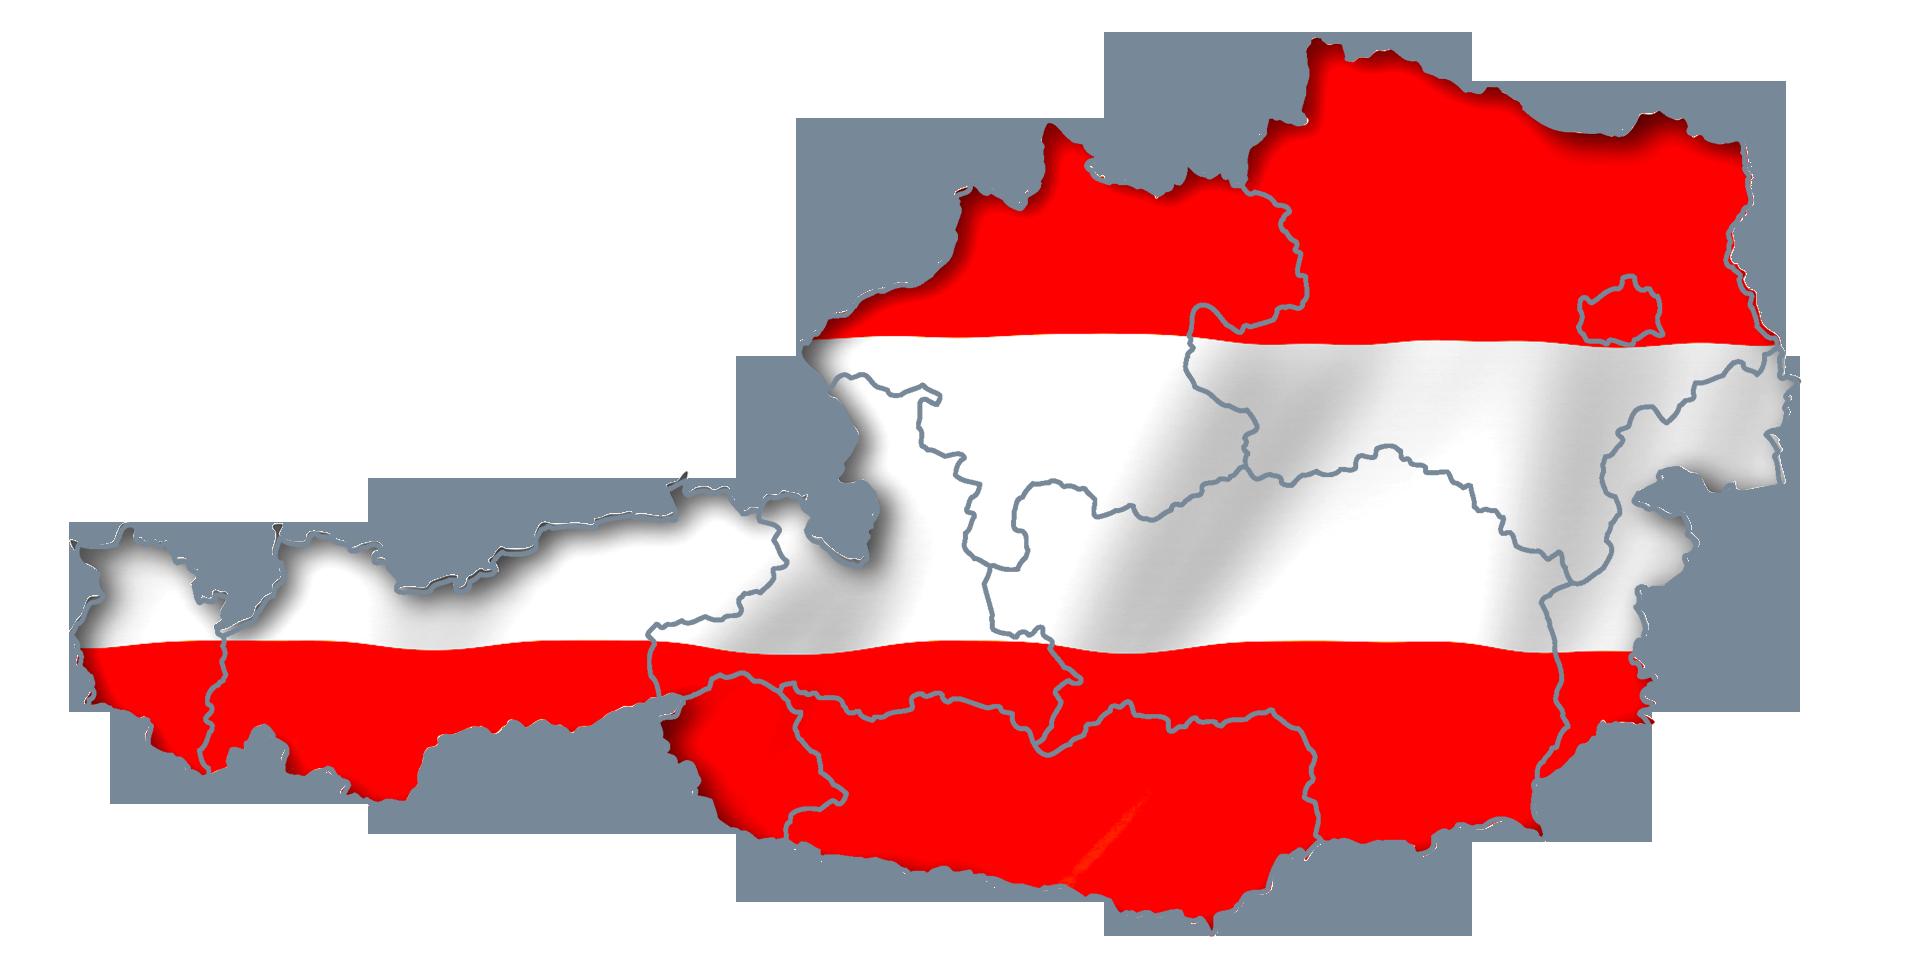 AustriaMapKontur.png